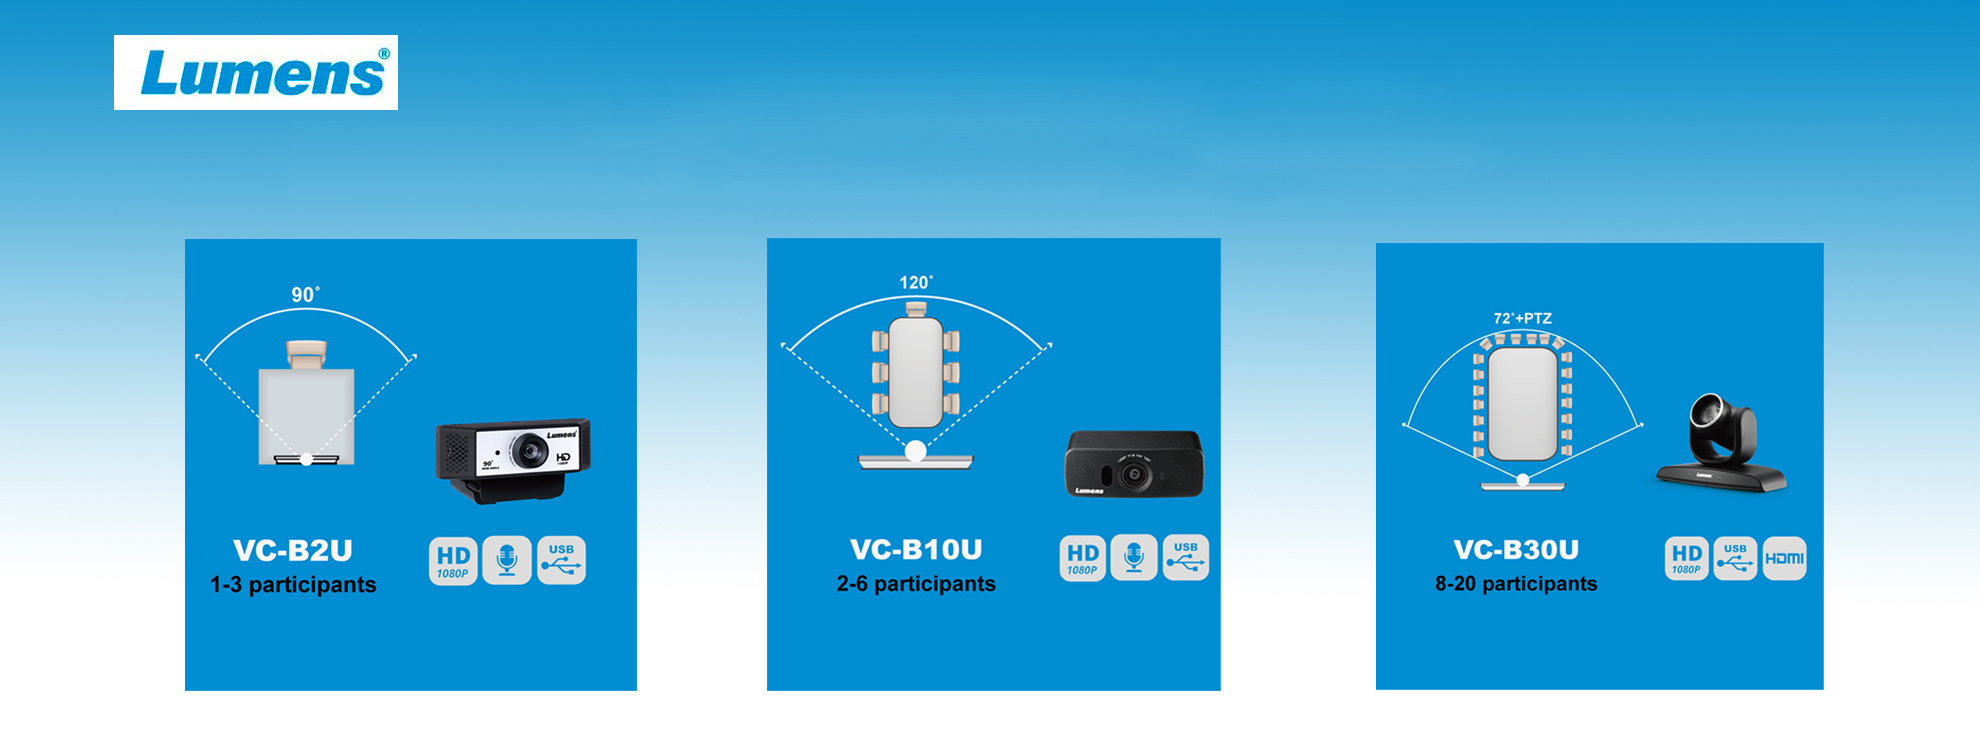 Lumens videoconferencing cameras